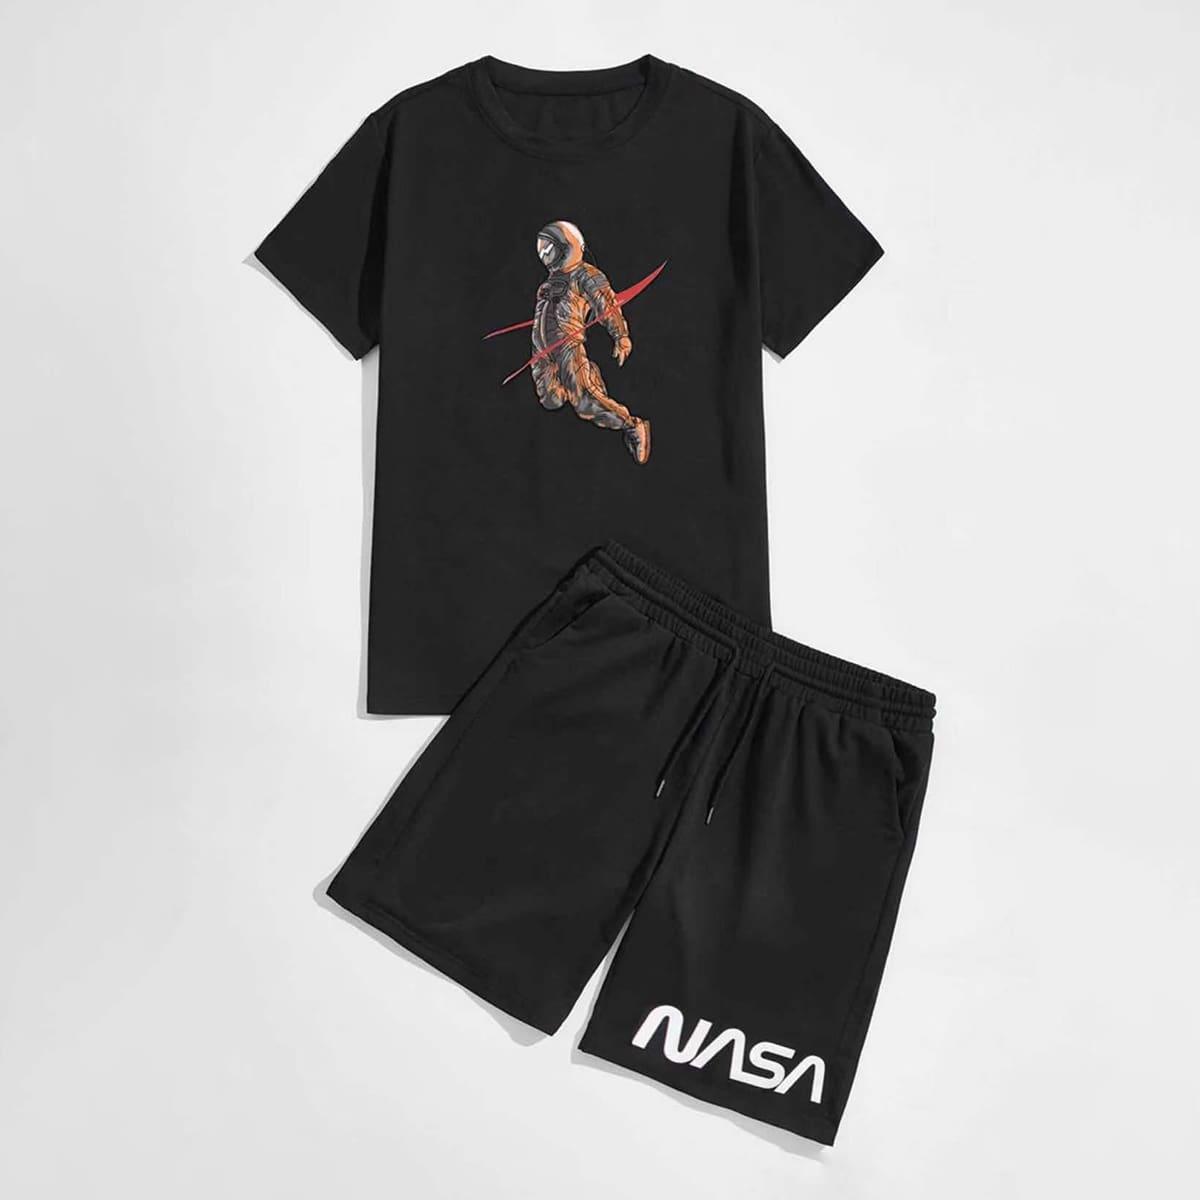 Мужская футболка с принтом астронавта и шорты с текстовым принтом по цене 1 630